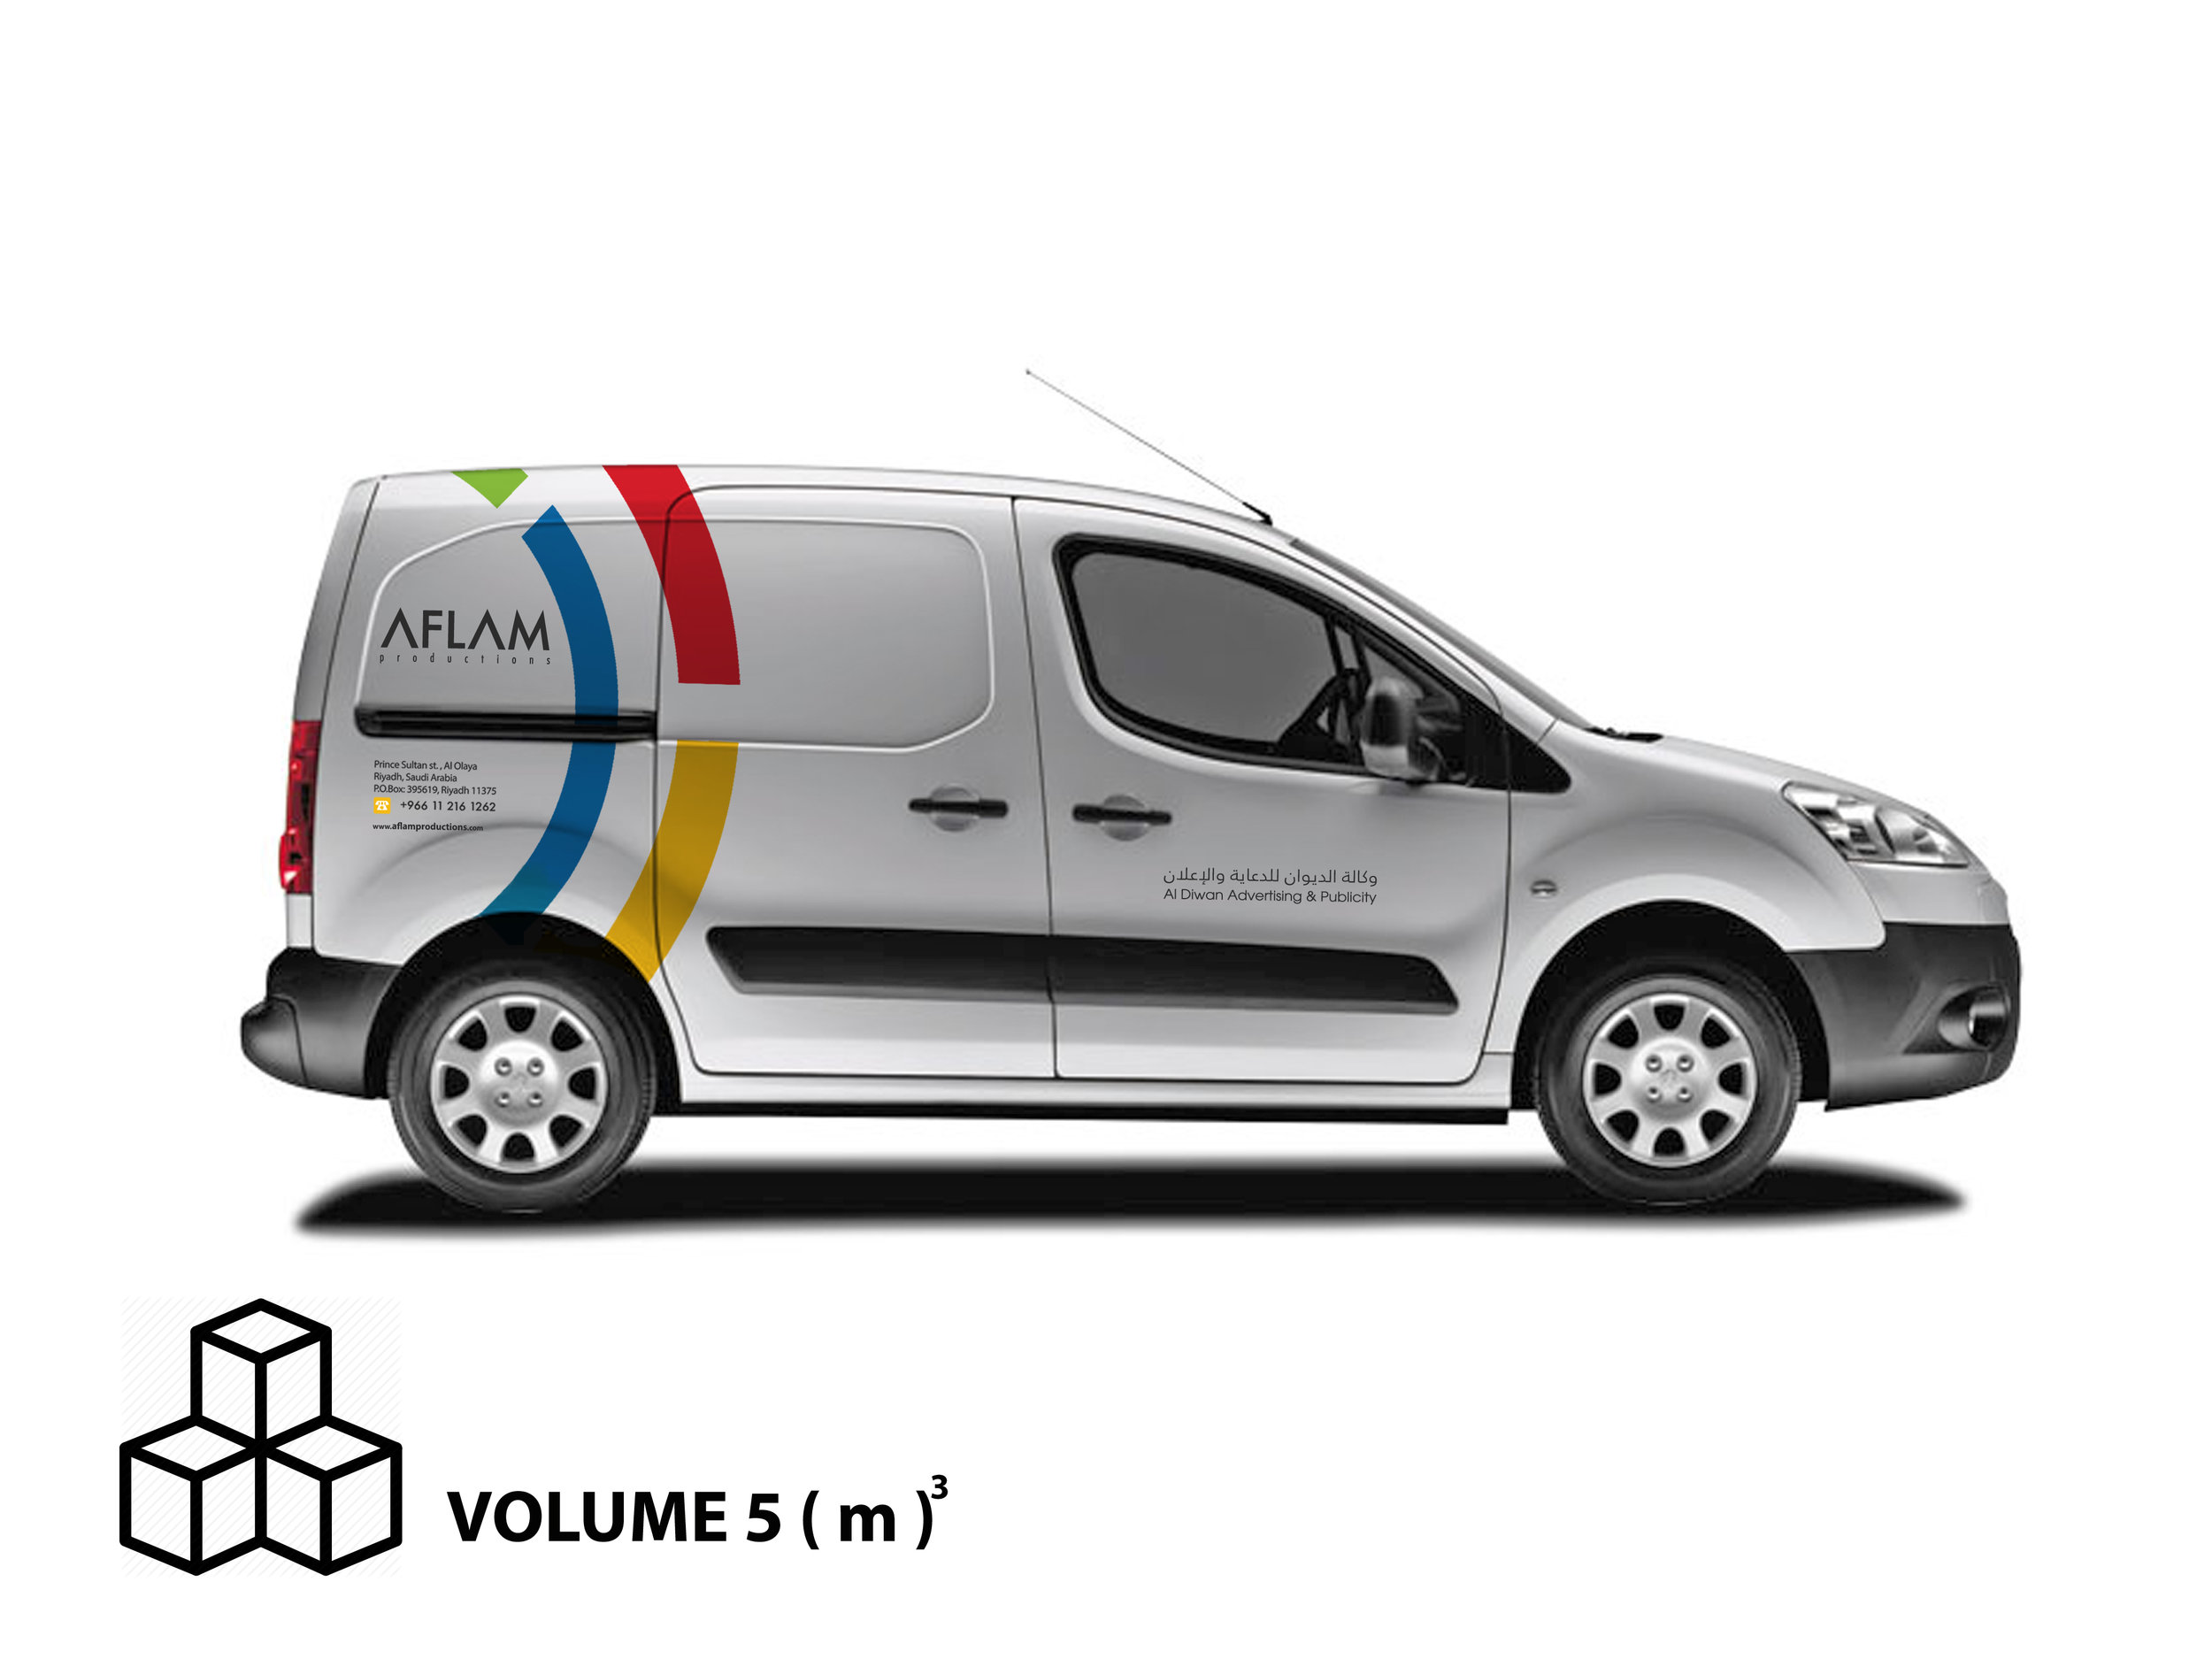 Peugeot Partner / Shelved 5m3